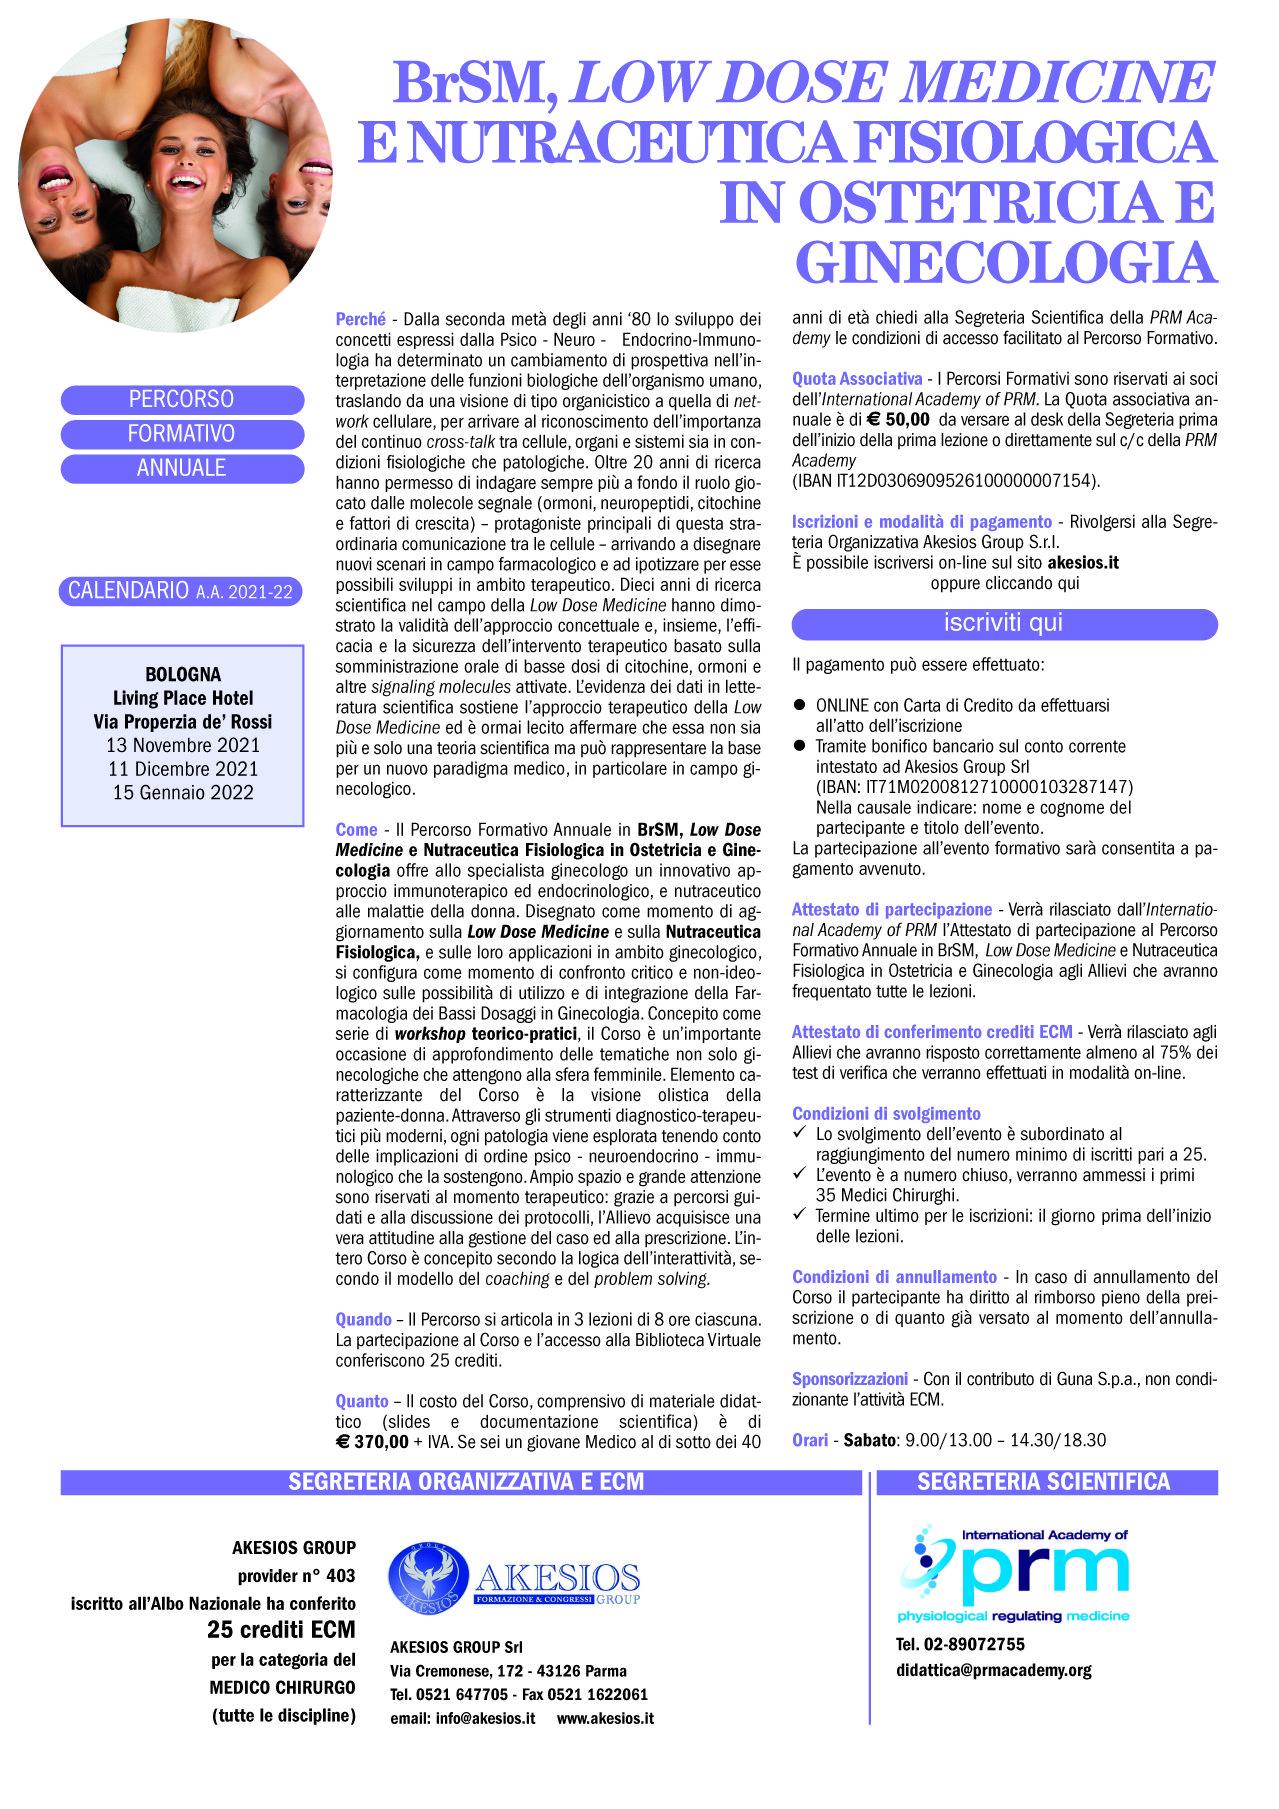 PERCORSO FORMATIVO ANNUALE IN BrSM, LOW DOSE MEDICINE E NUTRACEUTICA FISIOLOGICA IN OSTETRICIA E GINECOLOGIA